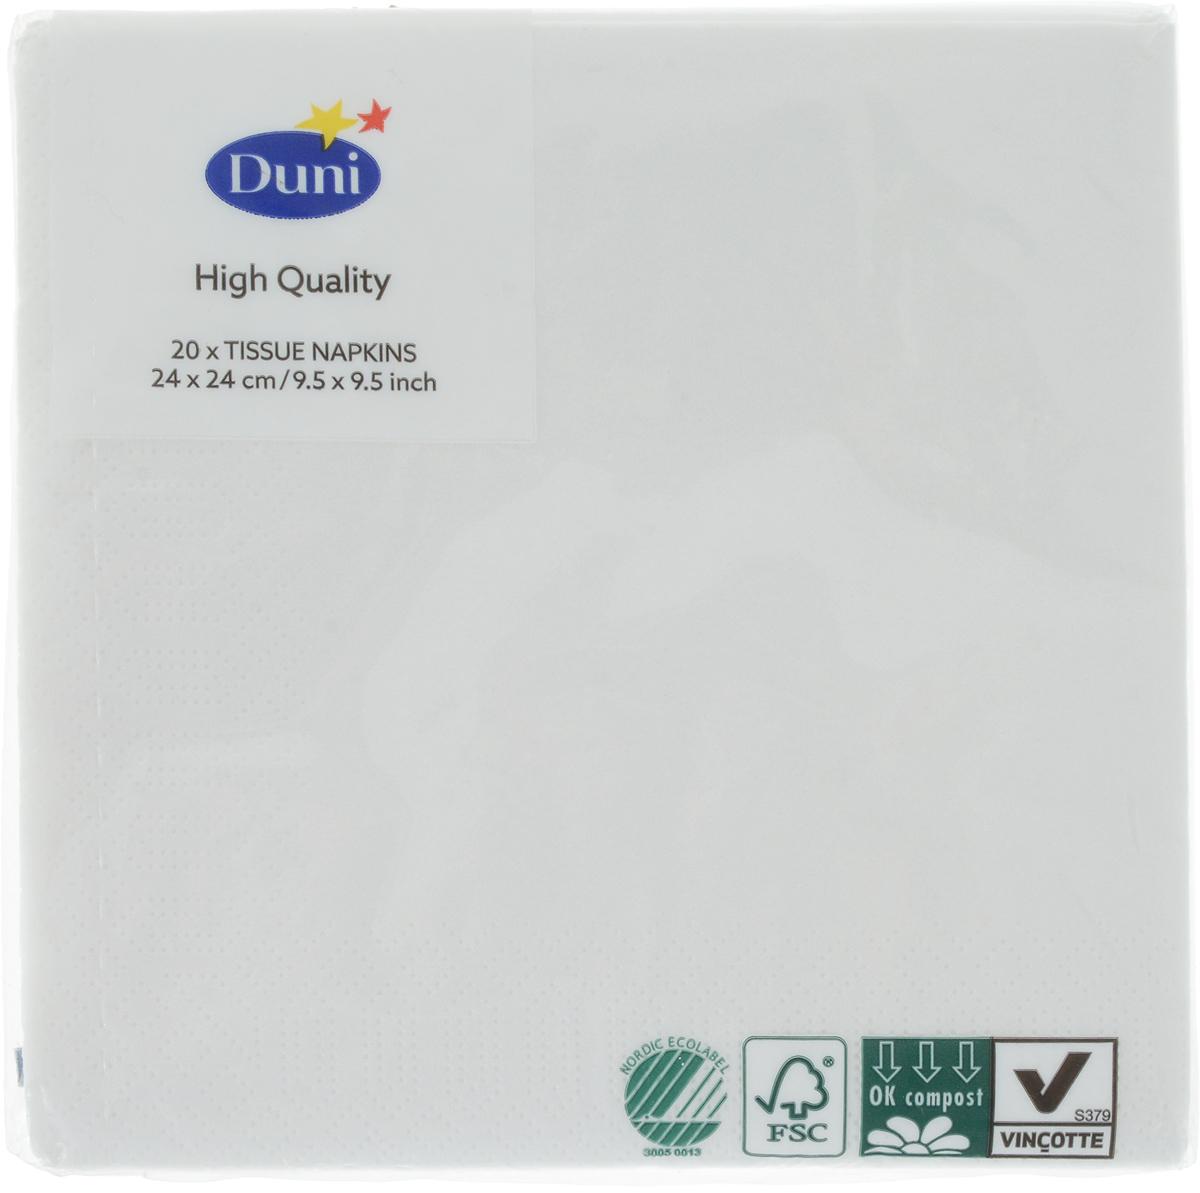 Салфетки бумажные Duni, 3-слойные, цвет: белый, 24 х 24 см, 20 шт104029Трехслойные бумажные салфетки изготовлены из экологически чистого, высококачественного сырья - 100% целлюлозы. Салфетки выполнены в оригинальном и современном стиле, прекрасно сочетаются с любым интерьером и всегда будут прекрасным и незаменимым украшением стола.